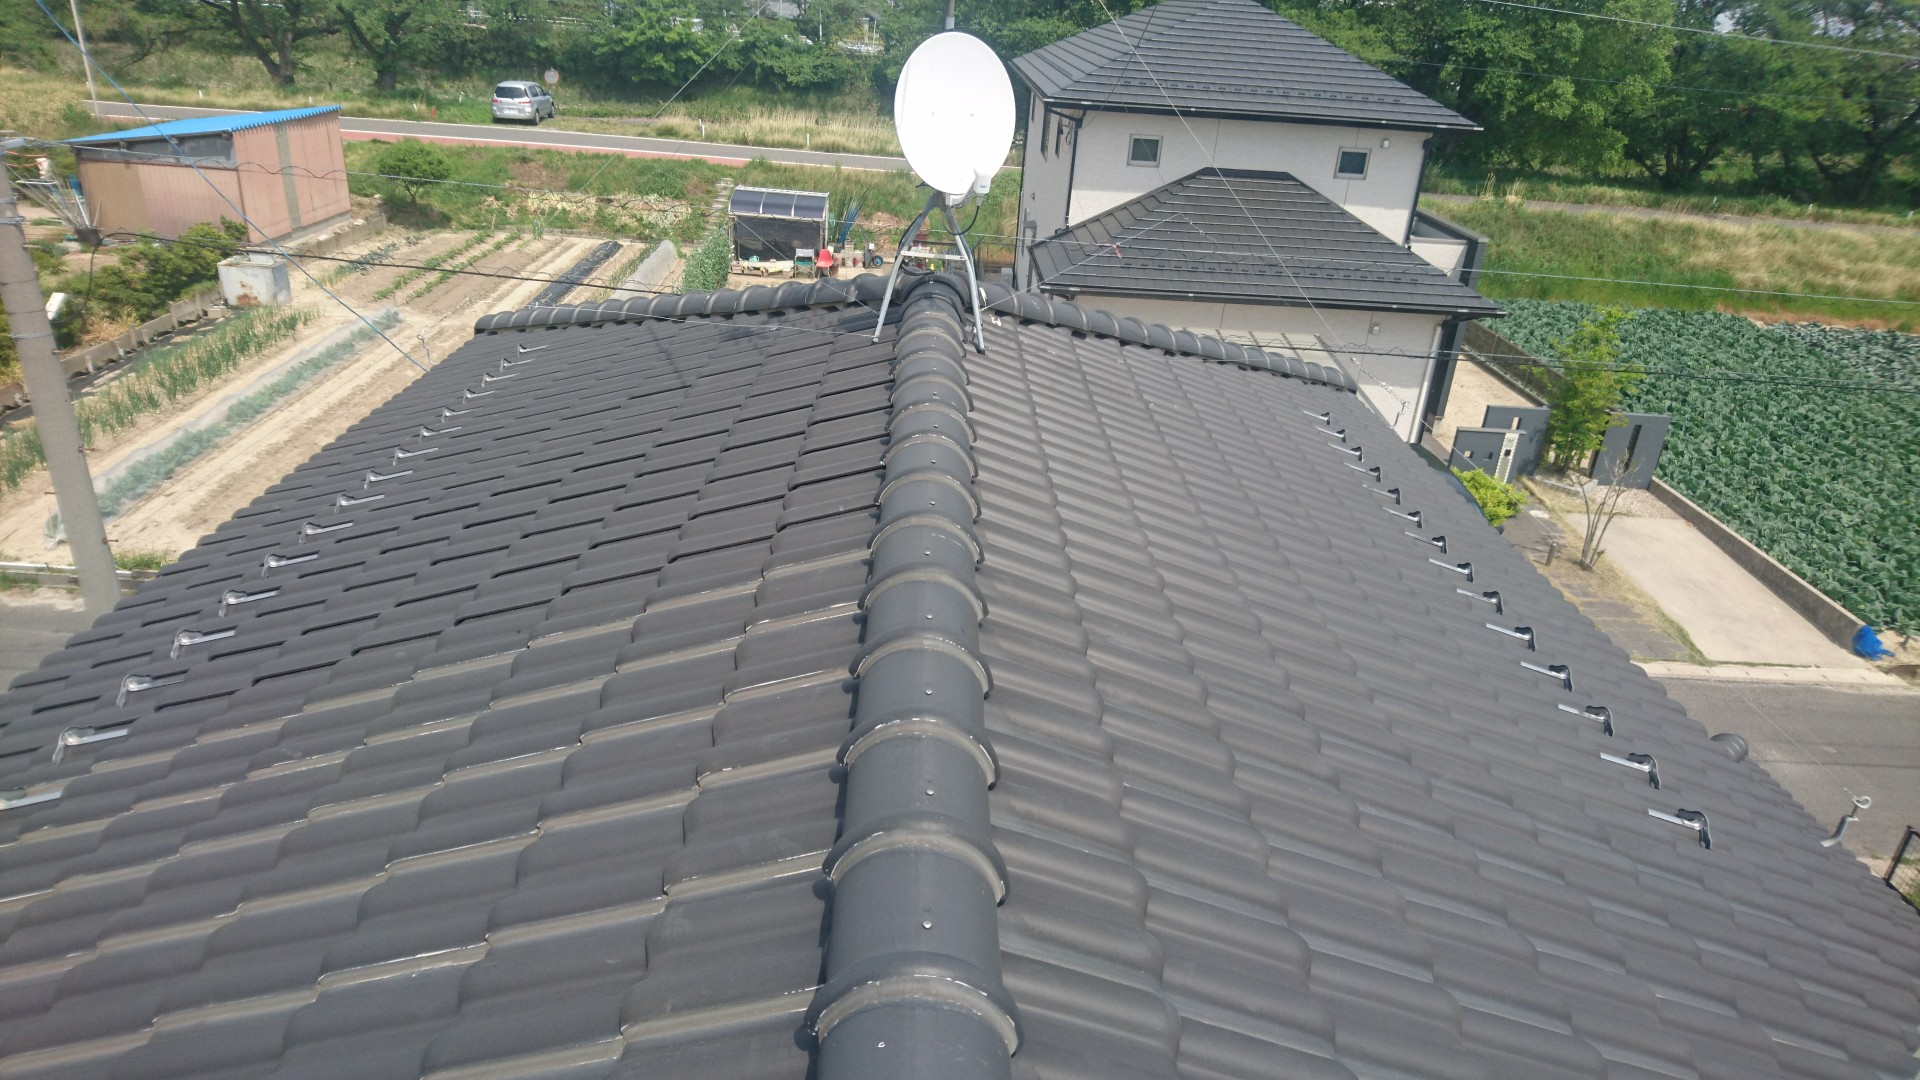 大阪府ハンファQセルズ太陽光発電Q.PEAK-G4.1 160×18枚ハイブリッド蓄電池HQJB-BU56-A1施工前の写真